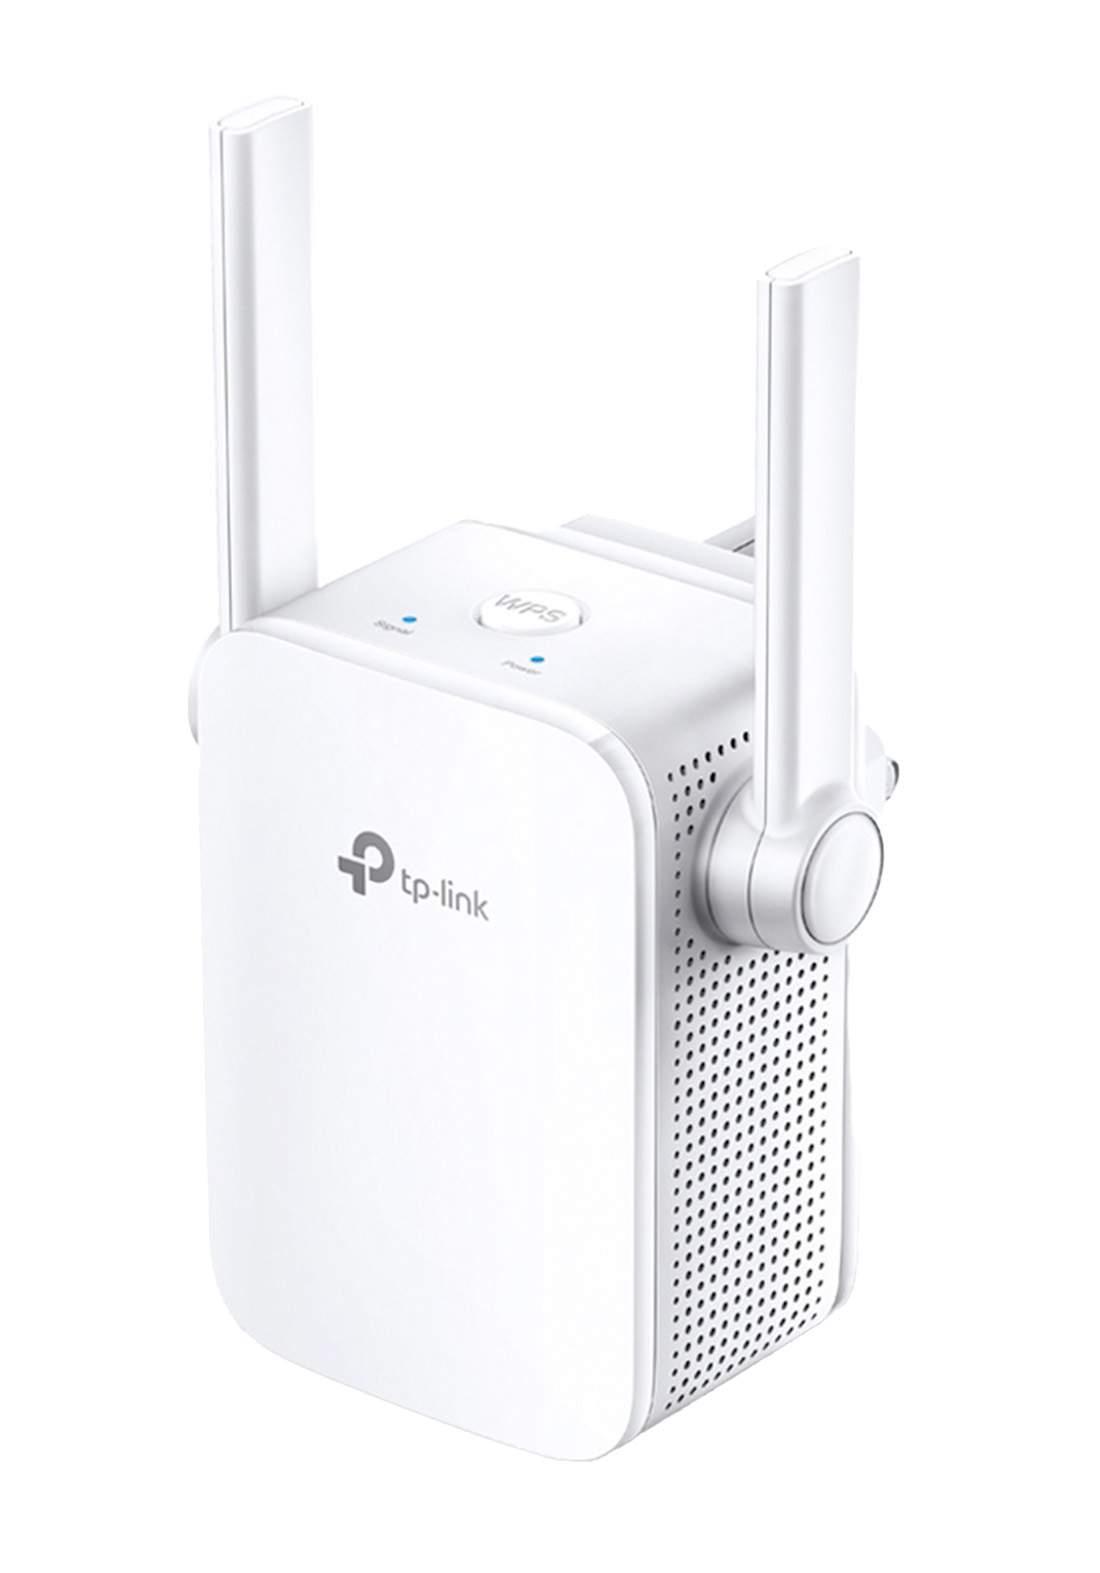 TP-Link TL-WA855RE 300Mbps Wi-Fi Range Extender - White